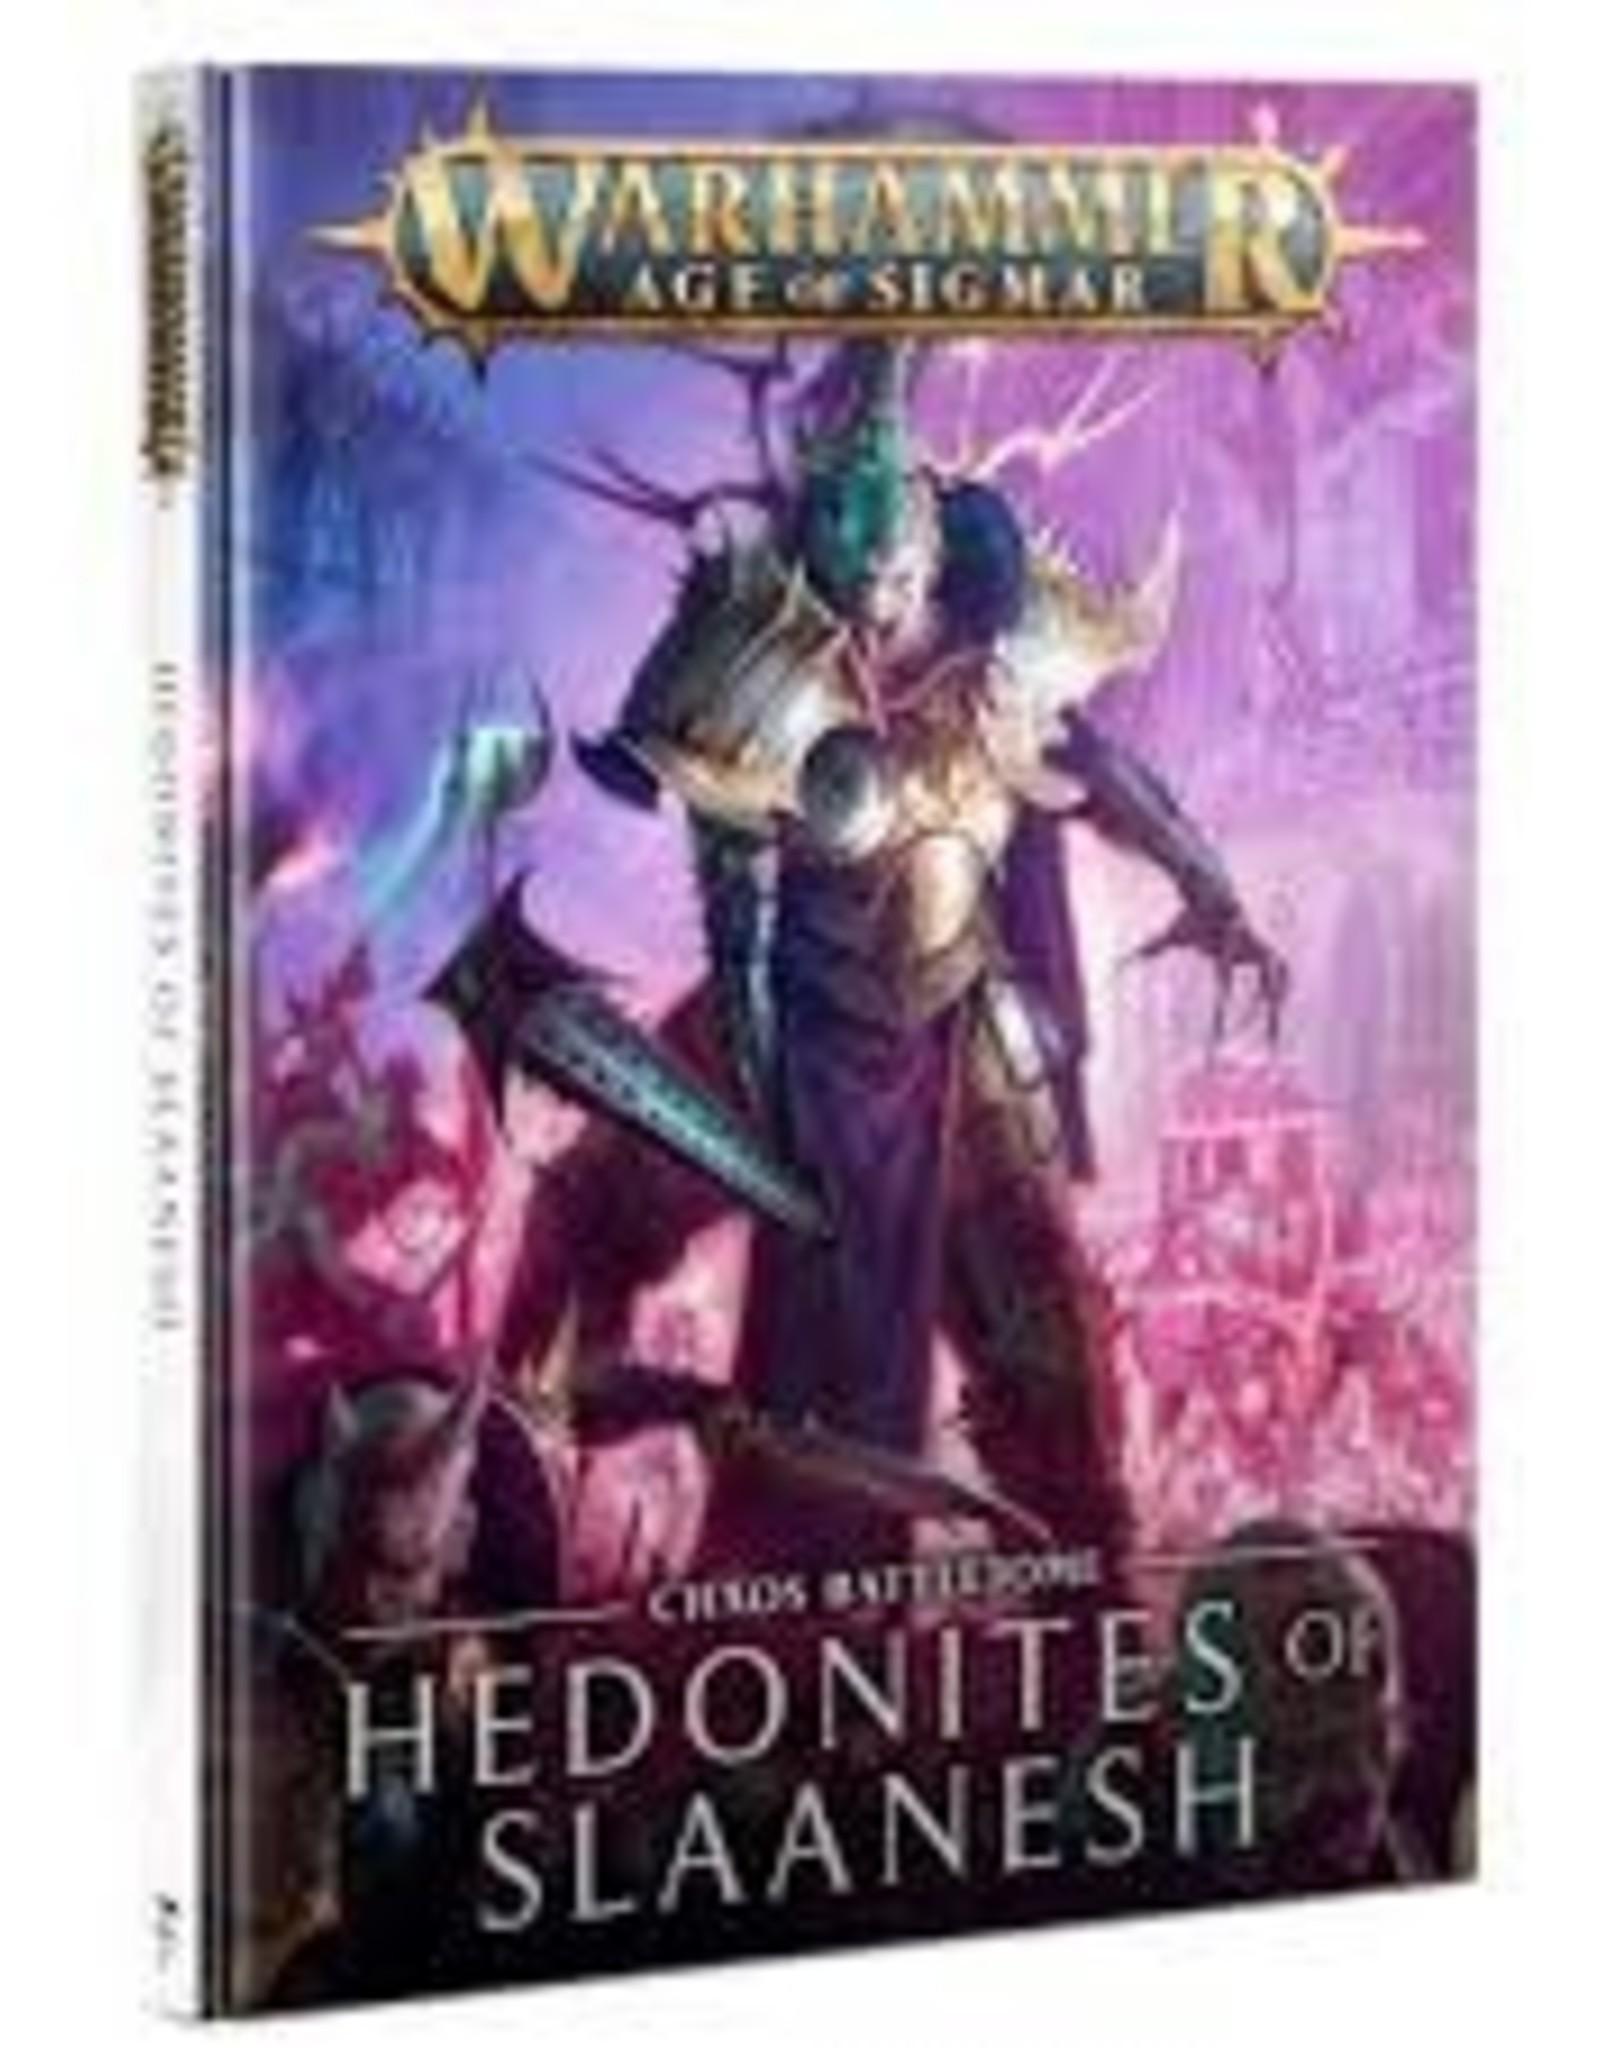 Games Workshop BATTLETOME: HEDONITES OF SLAANESH (ENG)